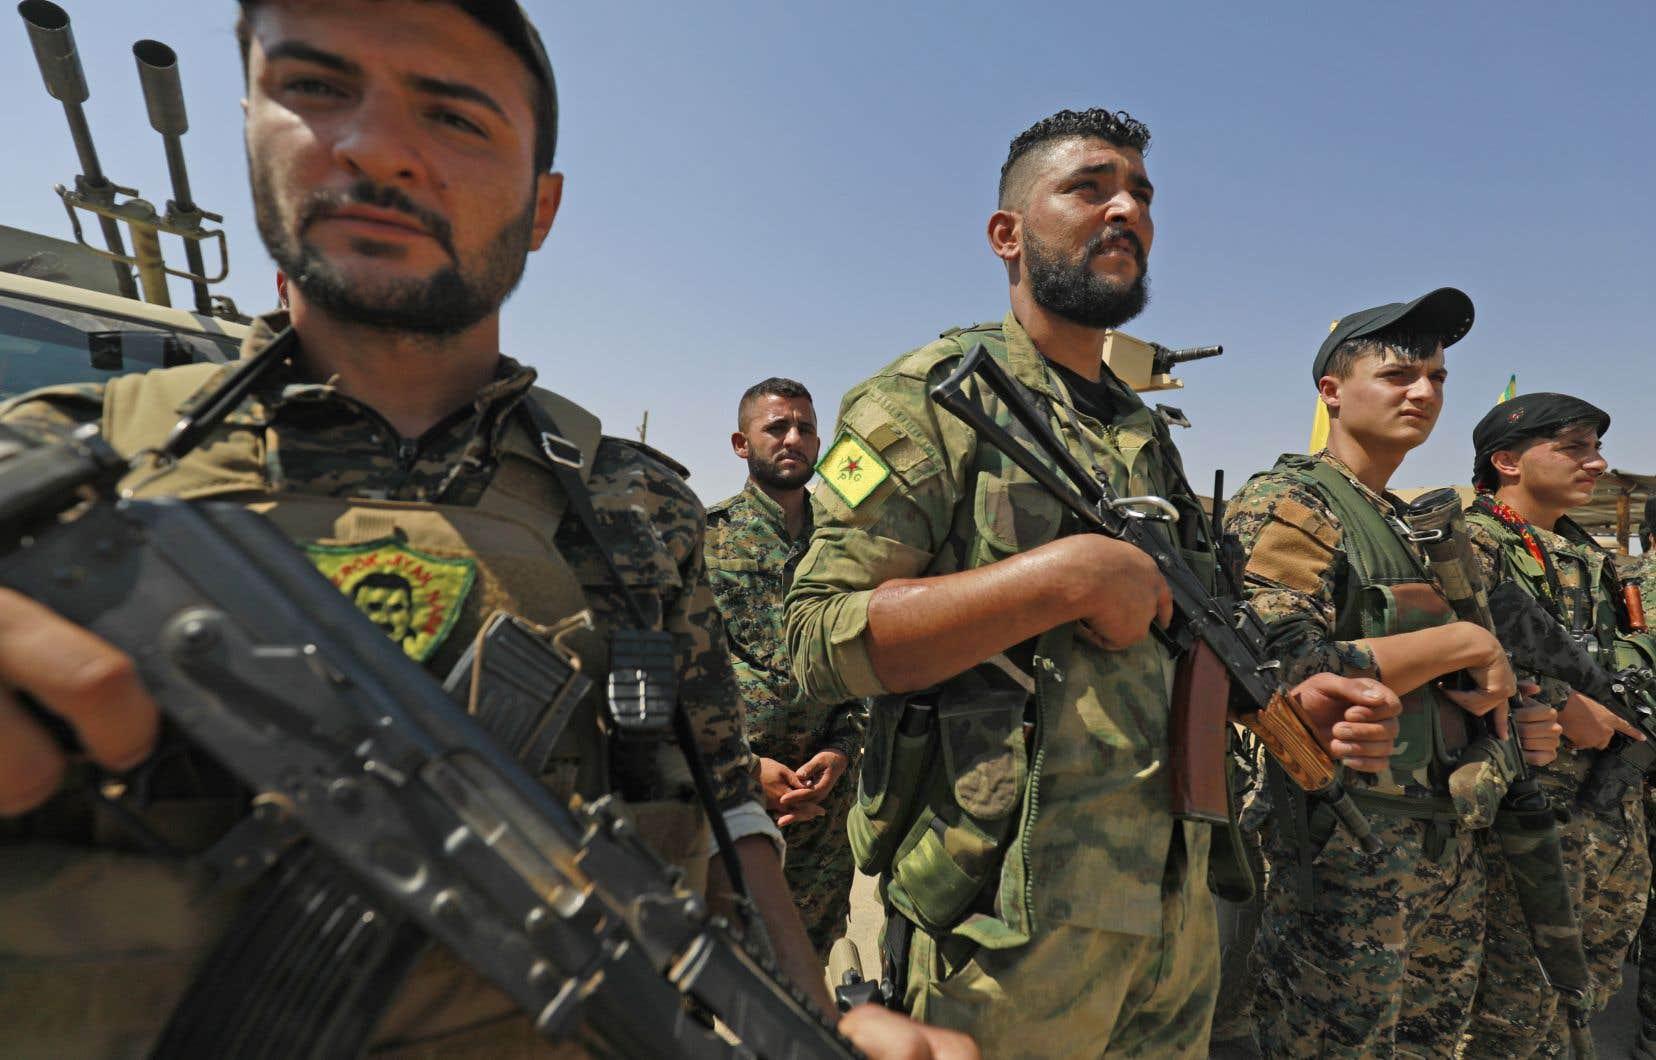 Des combattants des Forces démocratiques syriennes, faisant partie de la coalition internationale dirigée par les États-Unis